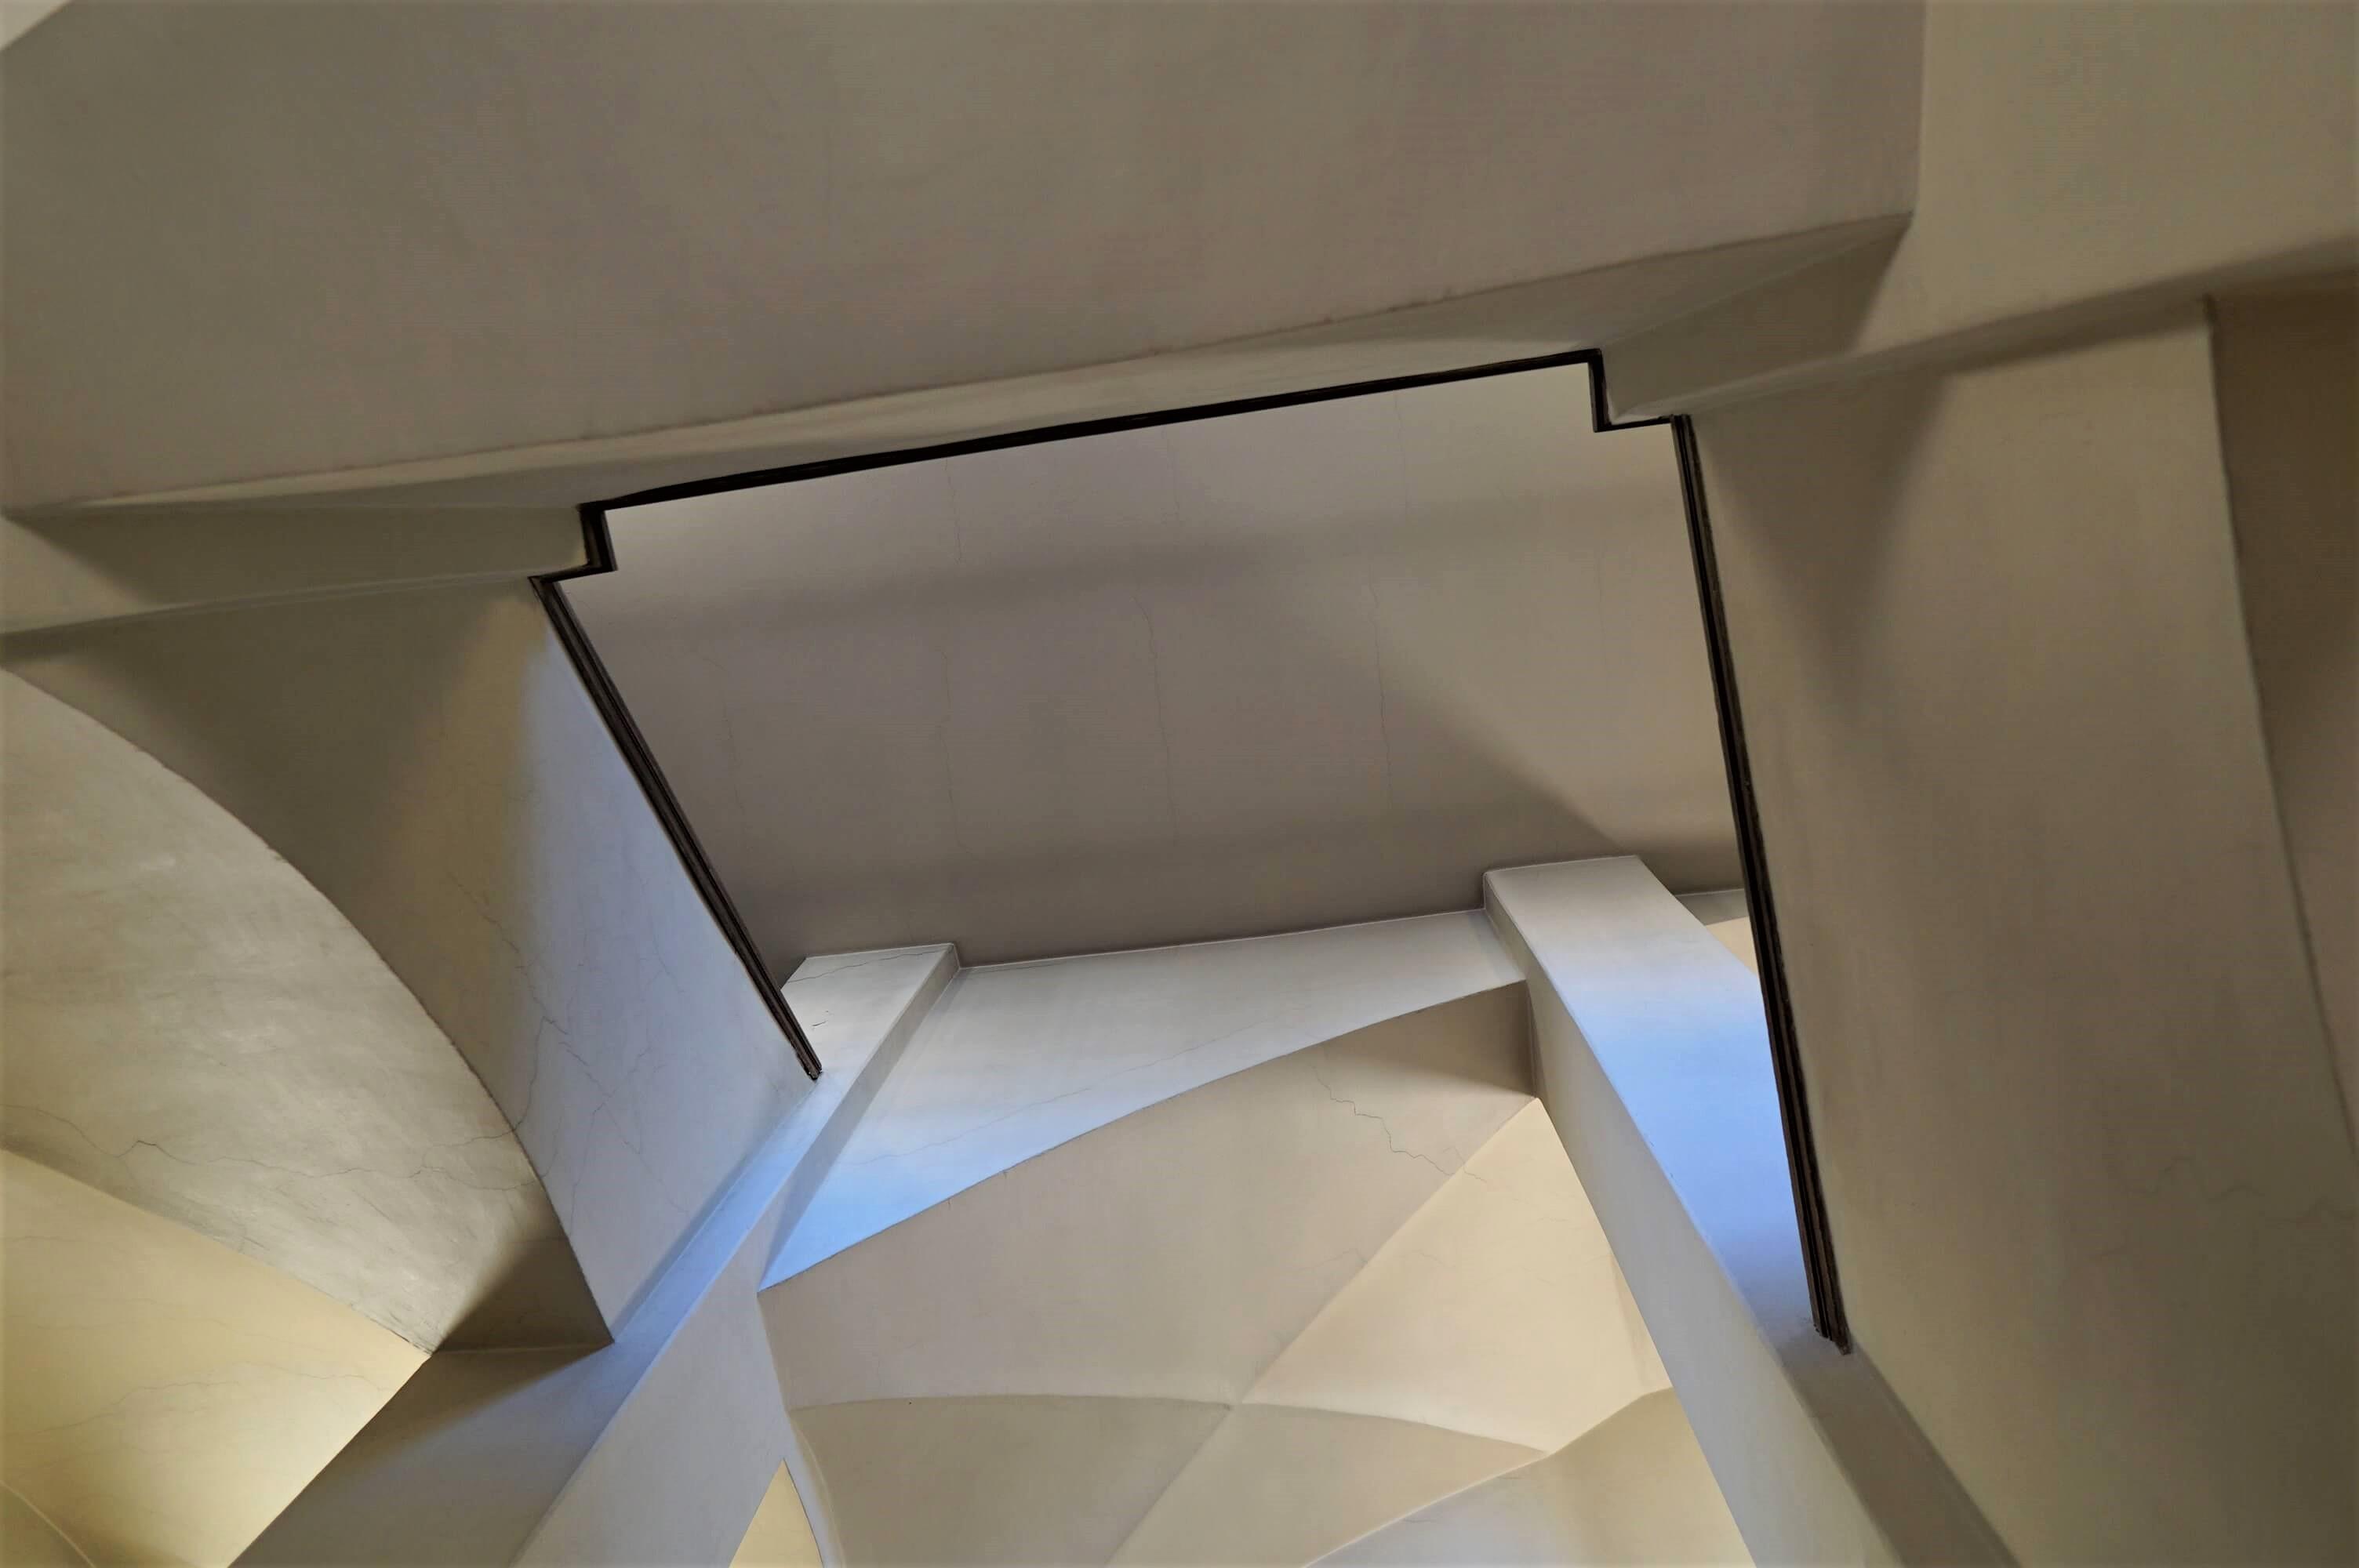 сводчатый потолок - Меншиковский дворец